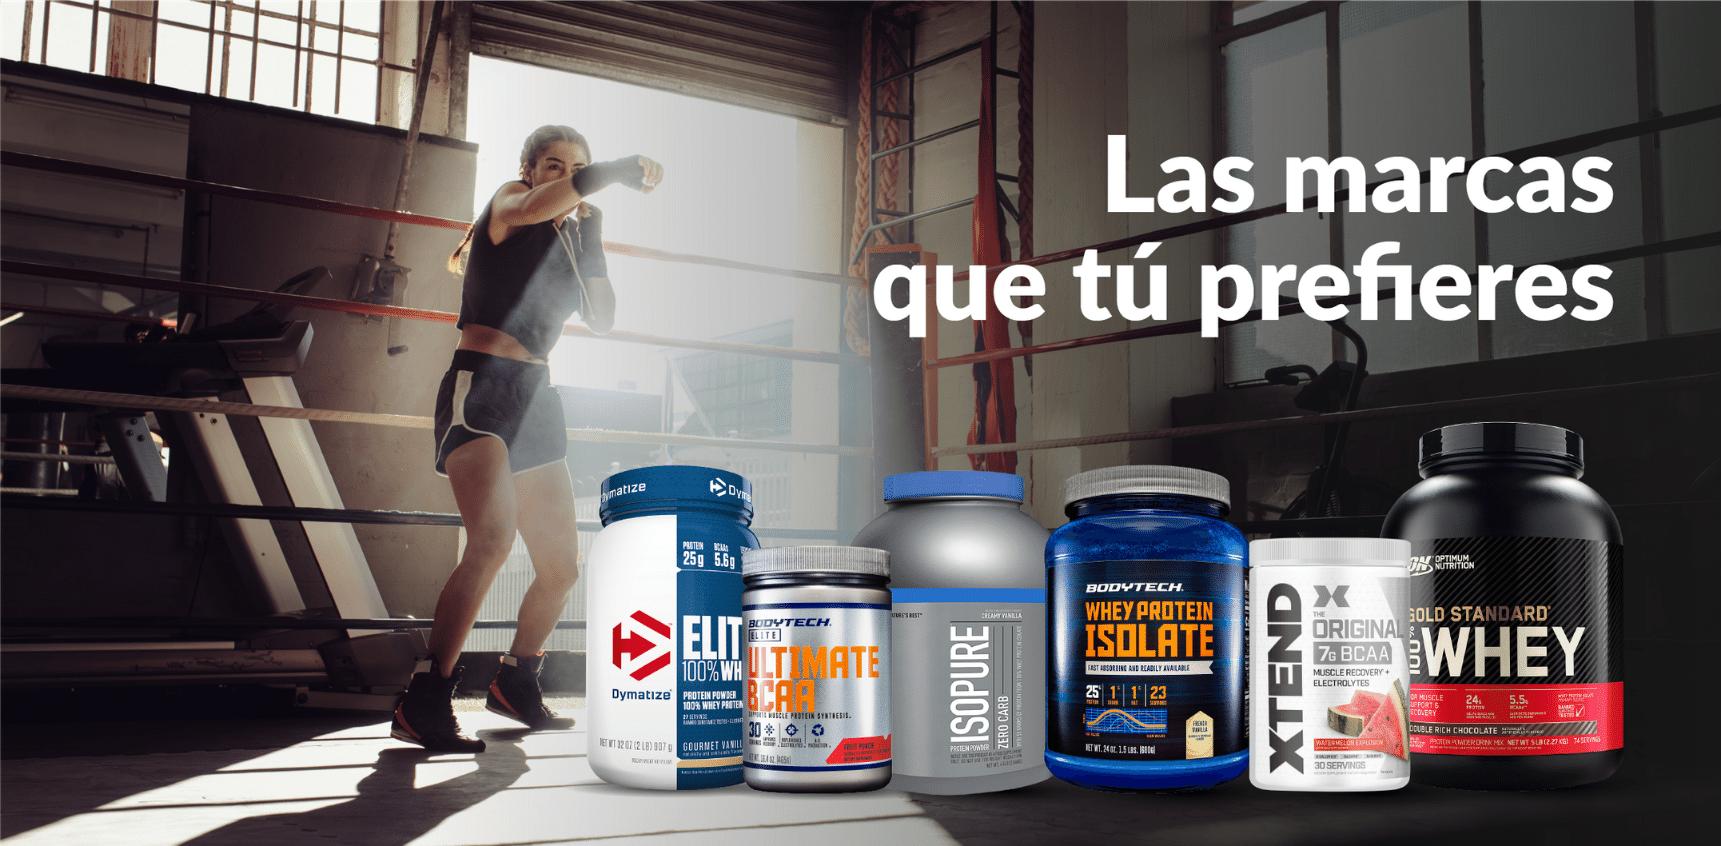 Proteina y aminoacidos en Vitamin Shoppe Panama